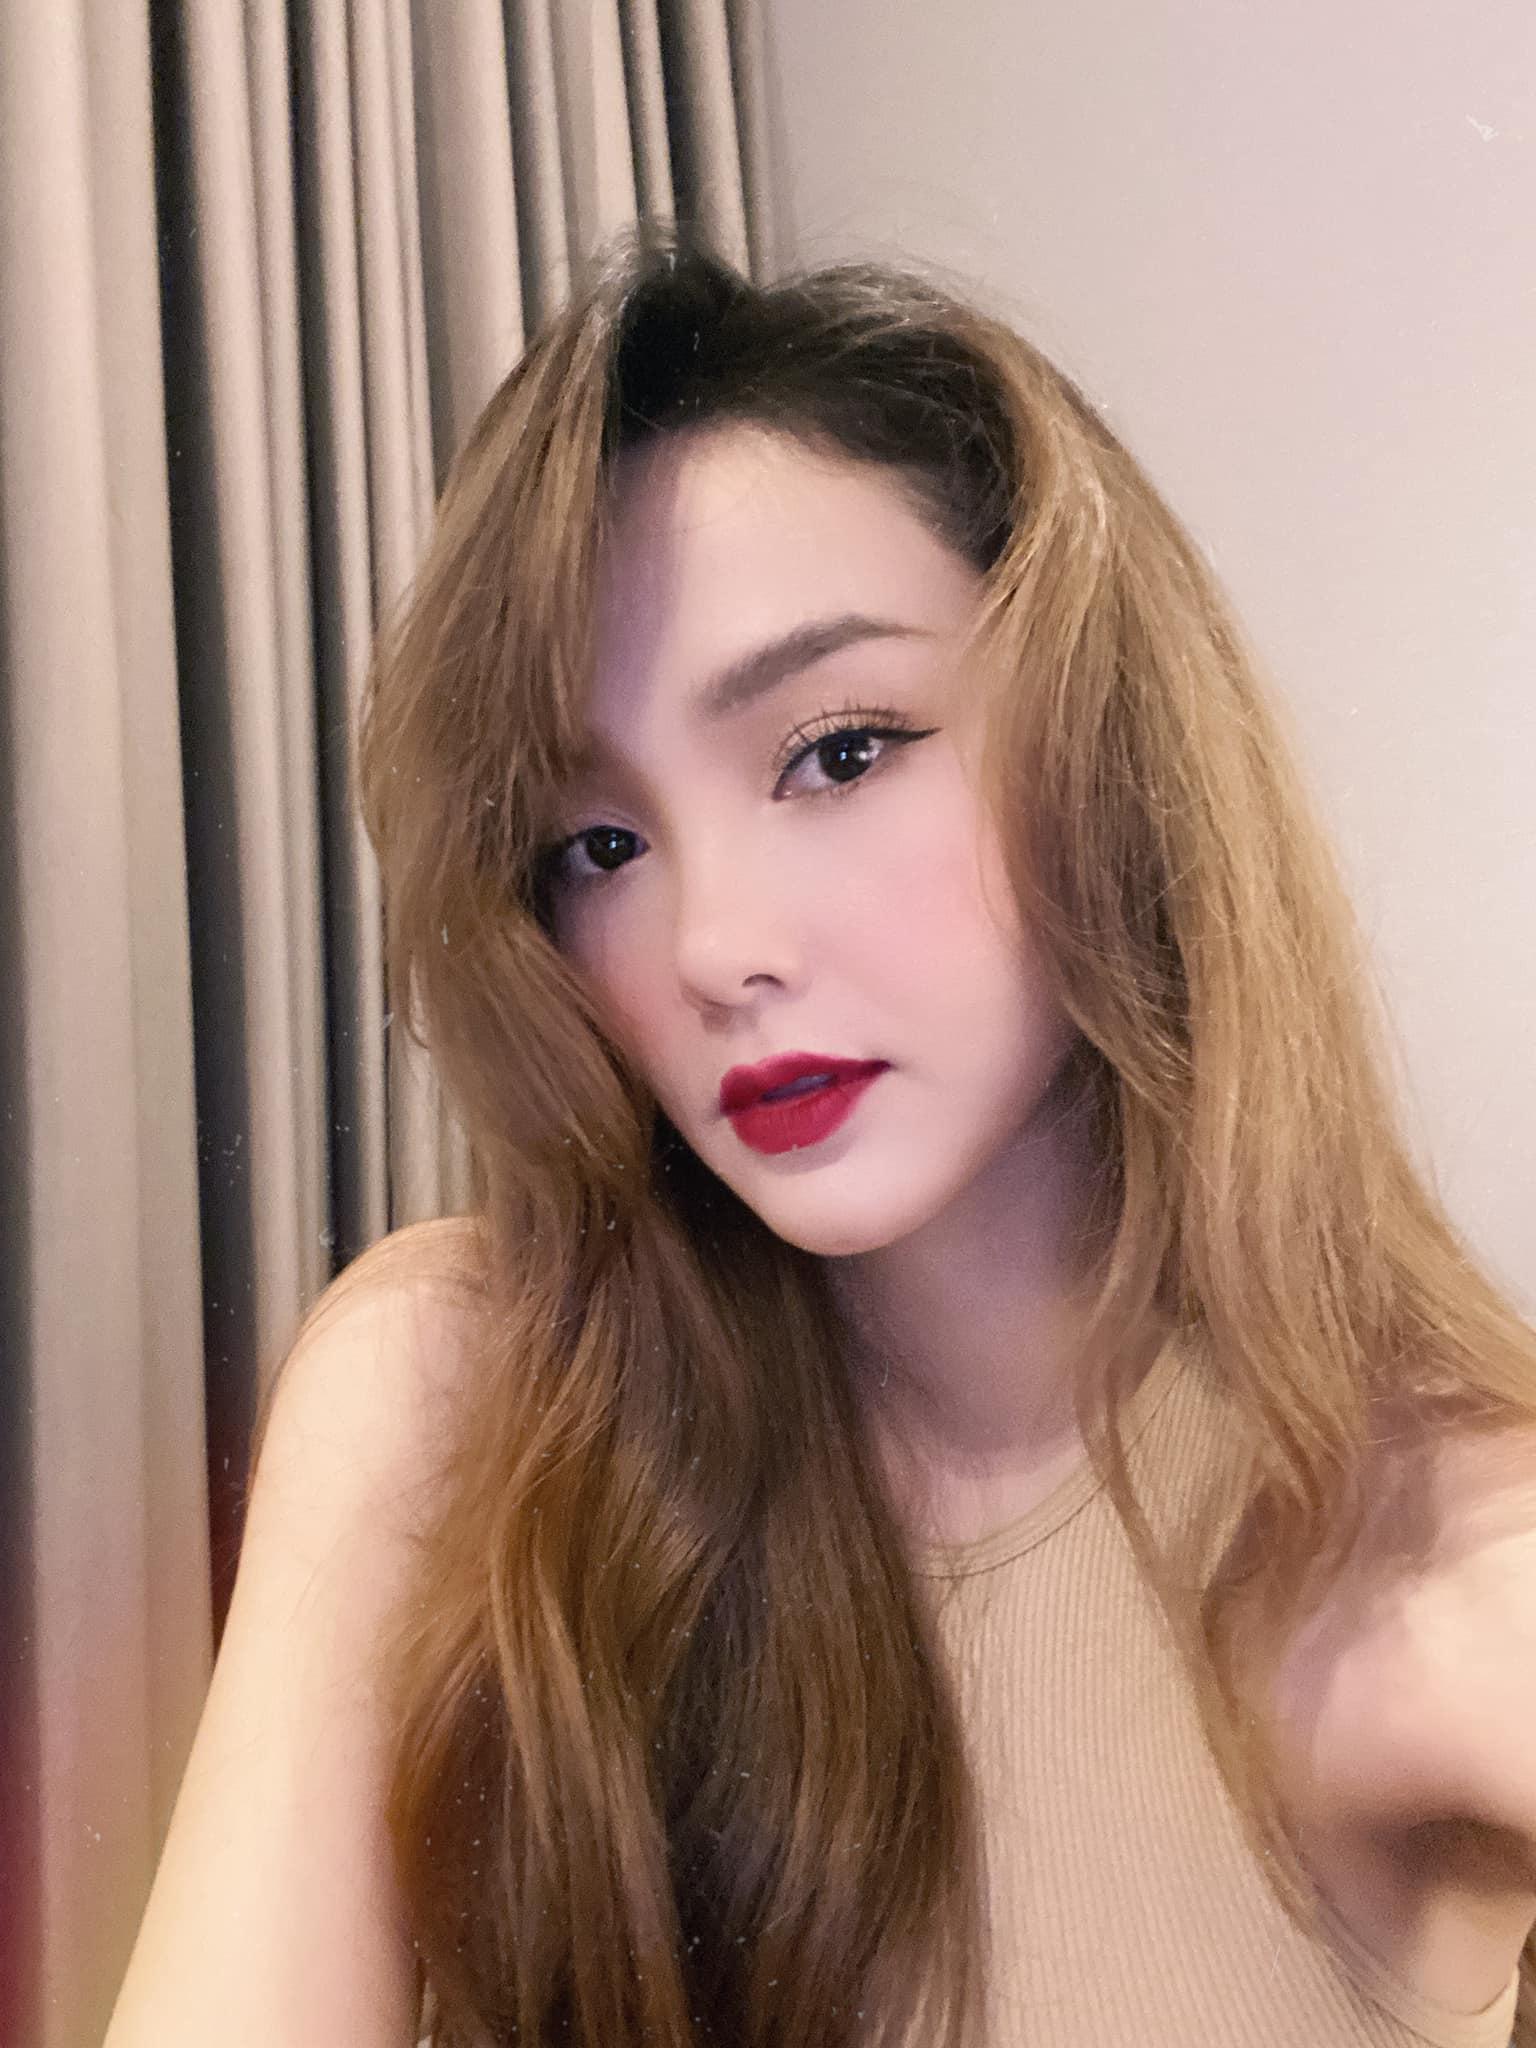 Visual Minh Hằng bùng nổ chỉ vì đổi kiểu tóc, netizen quả quyết: Xinh thế này xứng đáng có nhiều người yêu! - Ảnh 1.